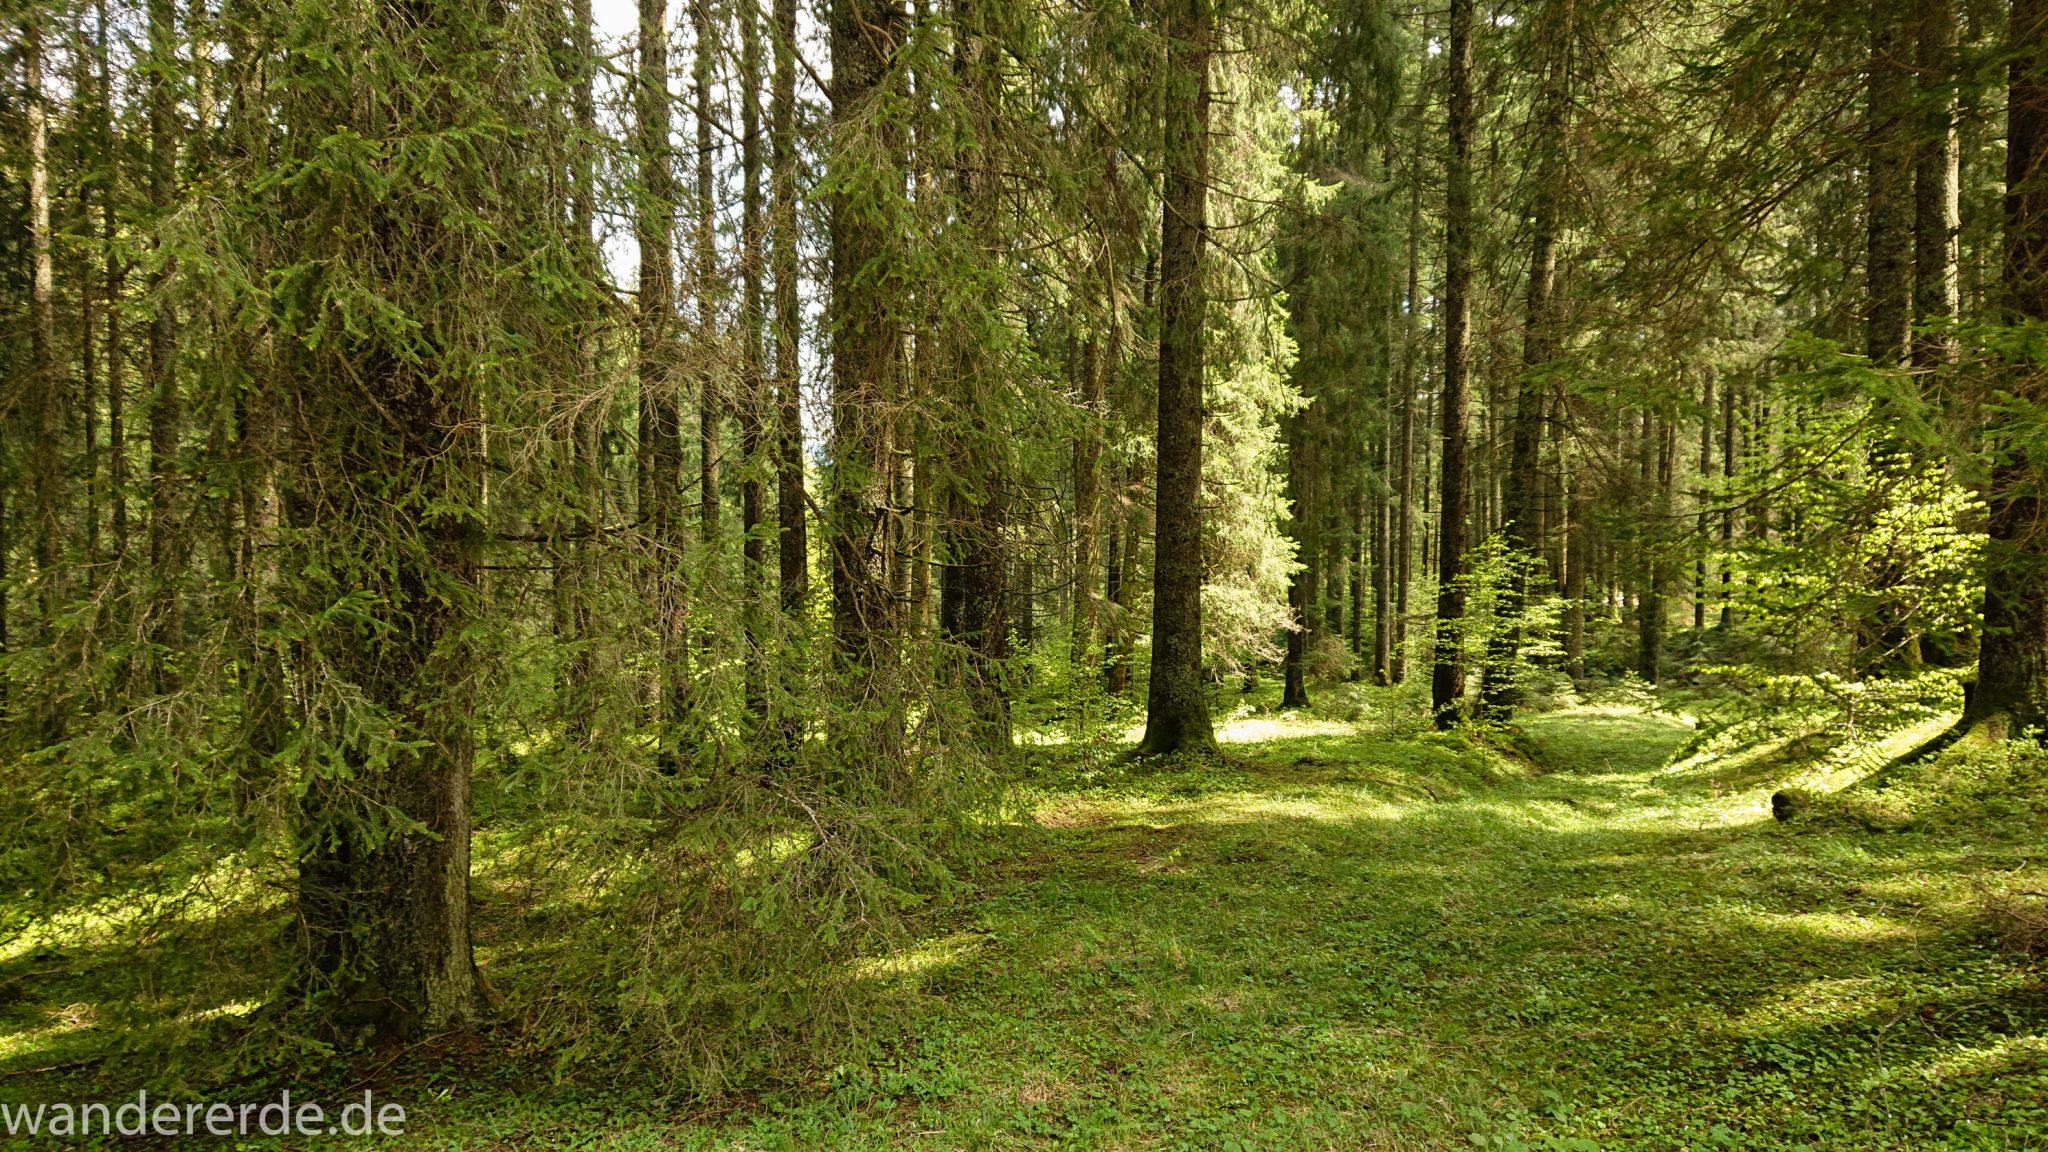 Wanderung zur Kenzenhütte in den Ammergauer Alpen, dichter grüner Wald, saftig grün bedeckter Waldboden